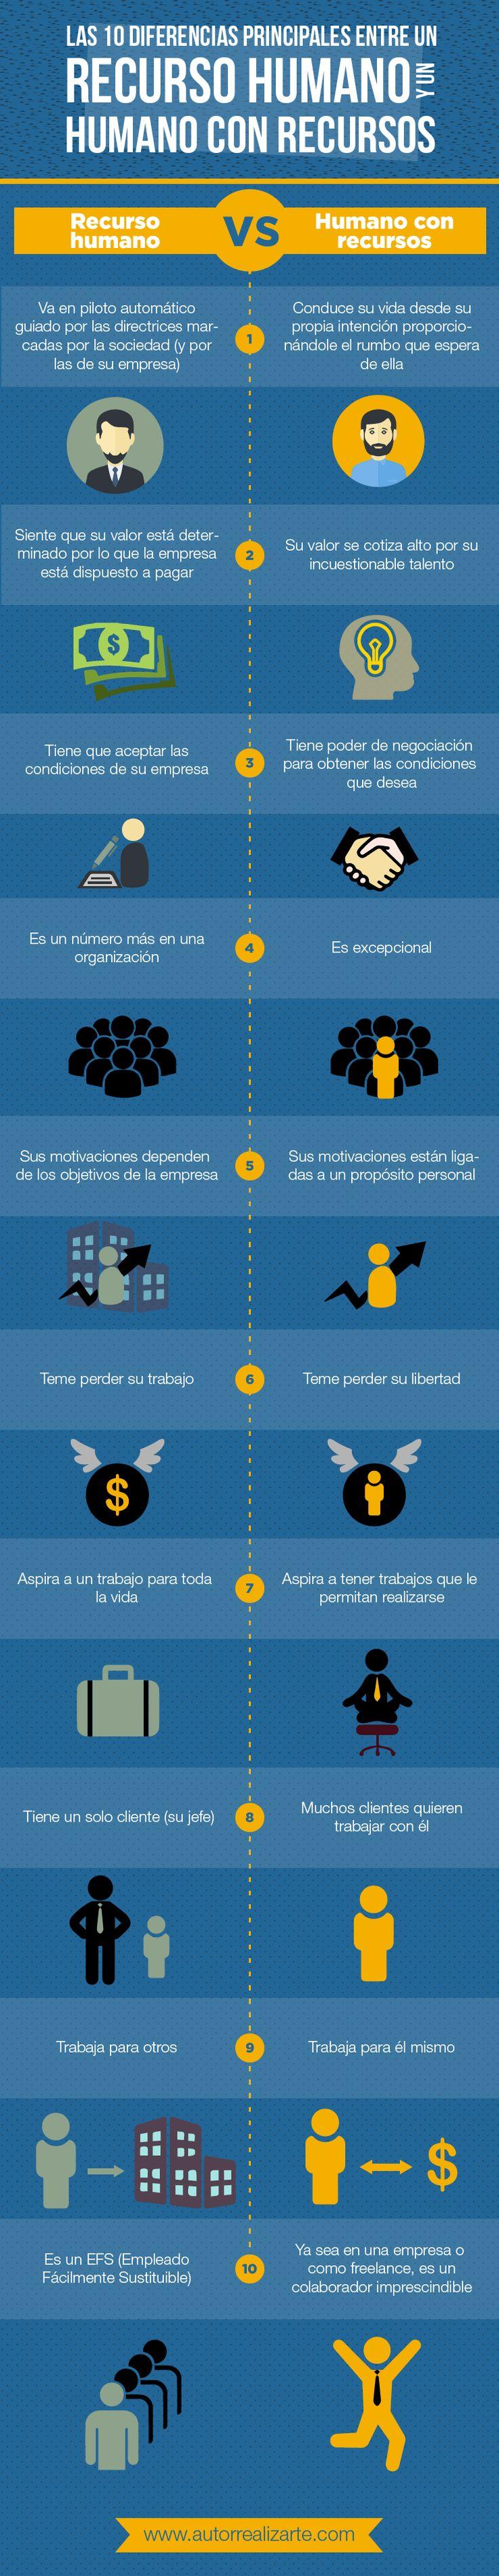 10 Diferencias entre Recurso Humano y Humano con Recursos #infografia #rrhh